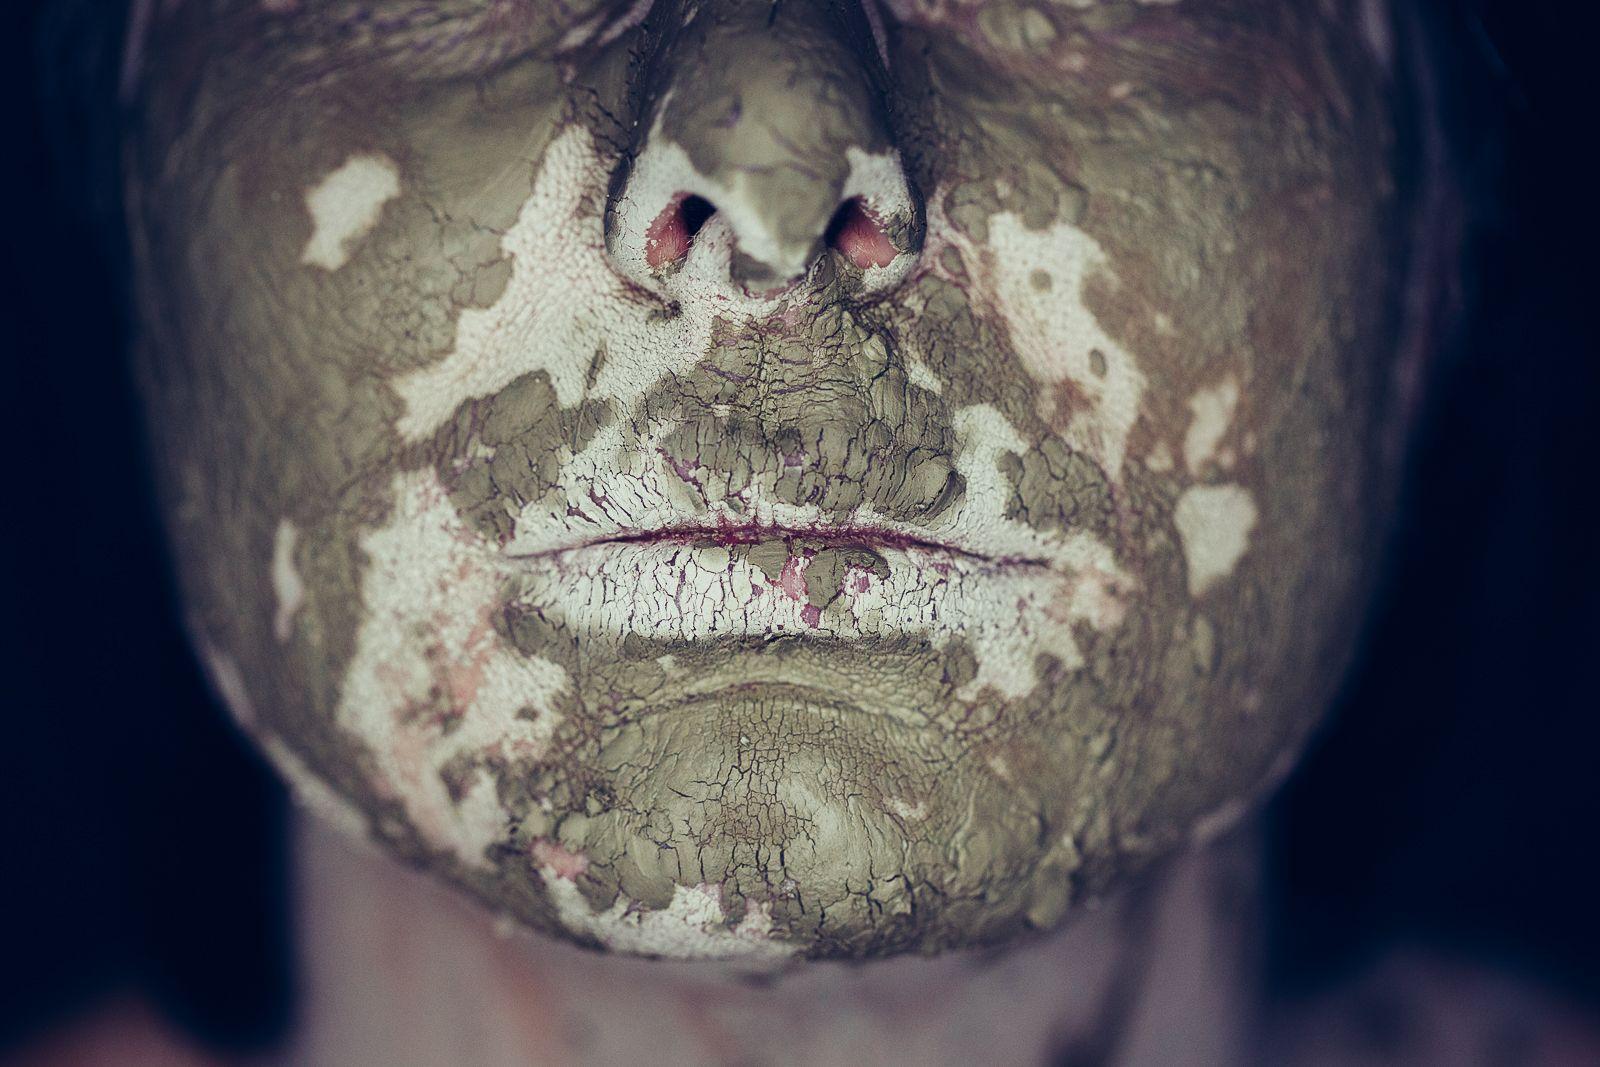 pochestorie-mad-mud-portrait-14.jpg